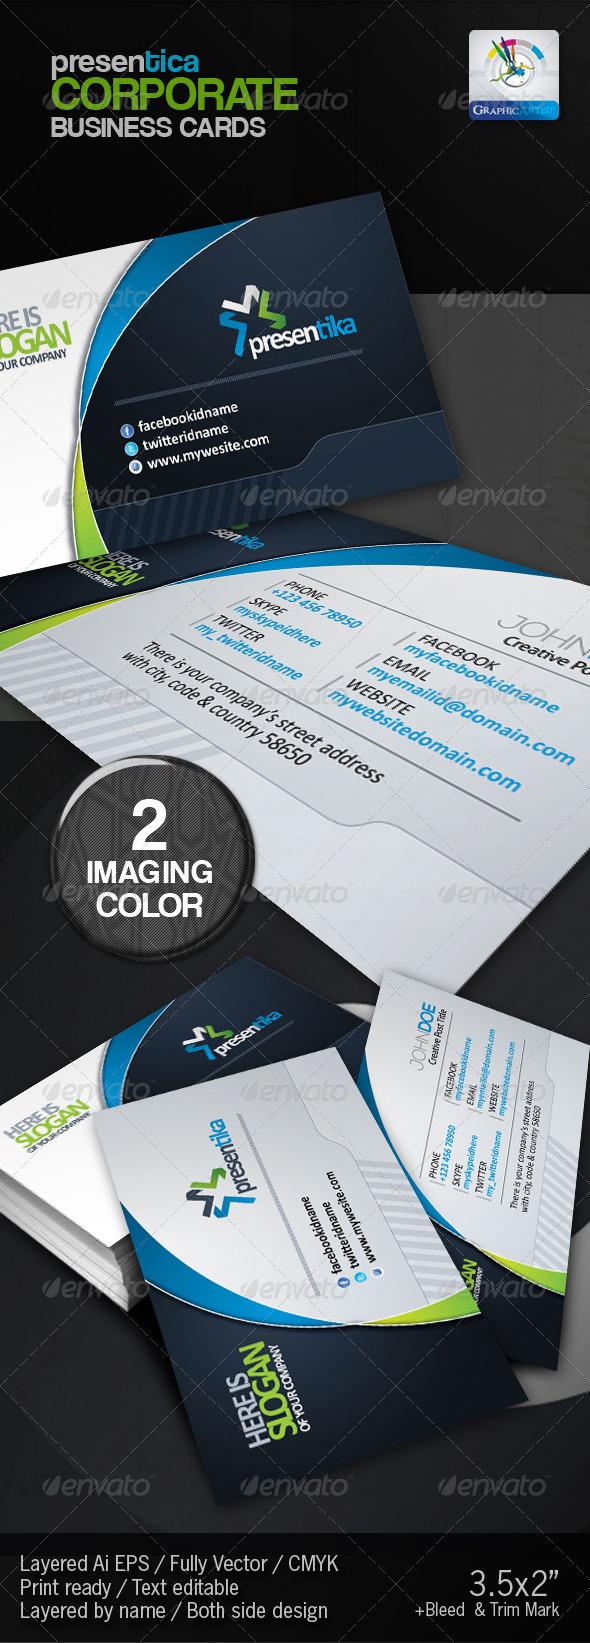 GraphicRiver Presentica Corporate Business Card 2947973